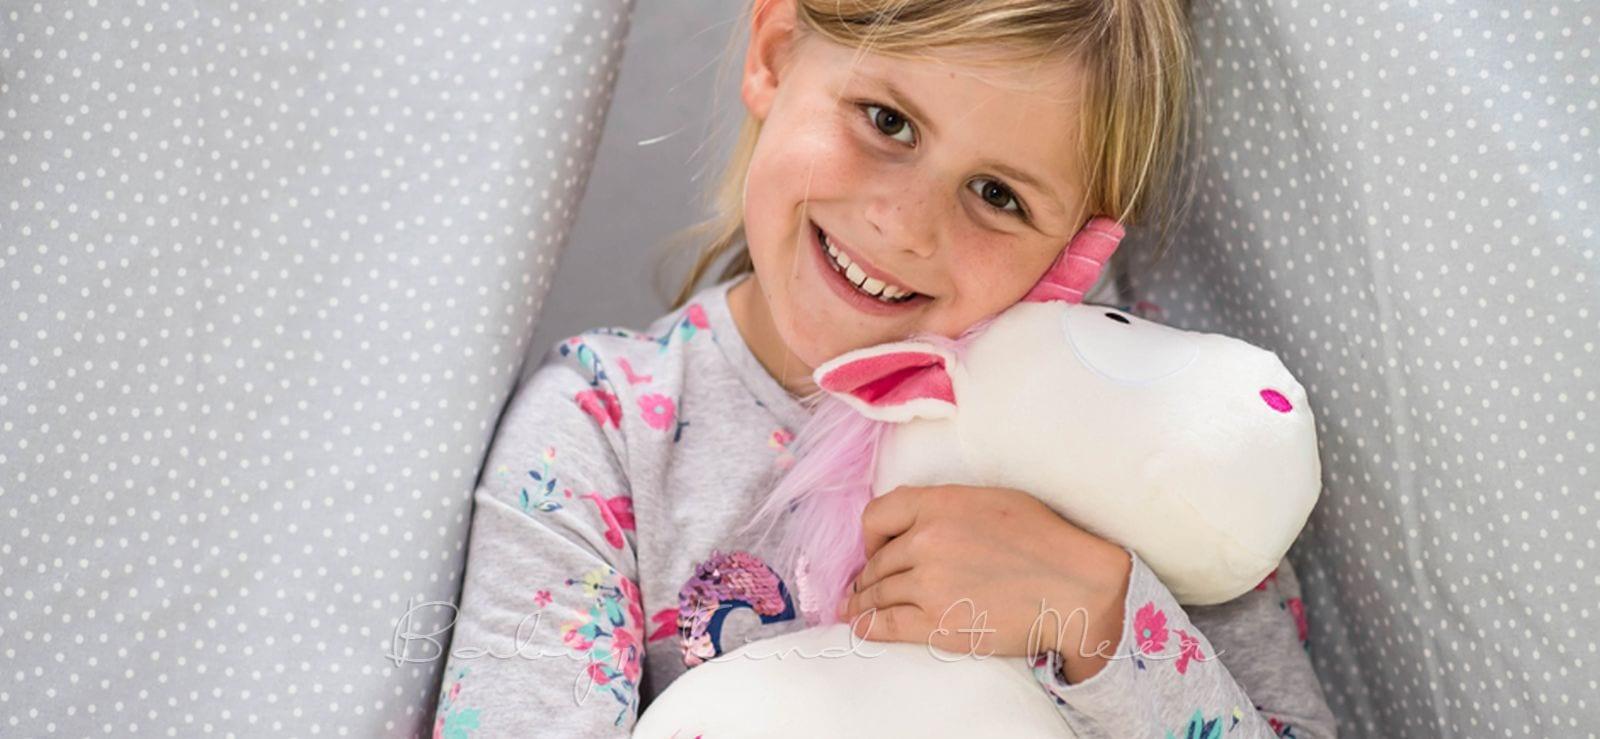 einhornfreunde und einhornliebe spielzeug baby kind und meer. Black Bedroom Furniture Sets. Home Design Ideas